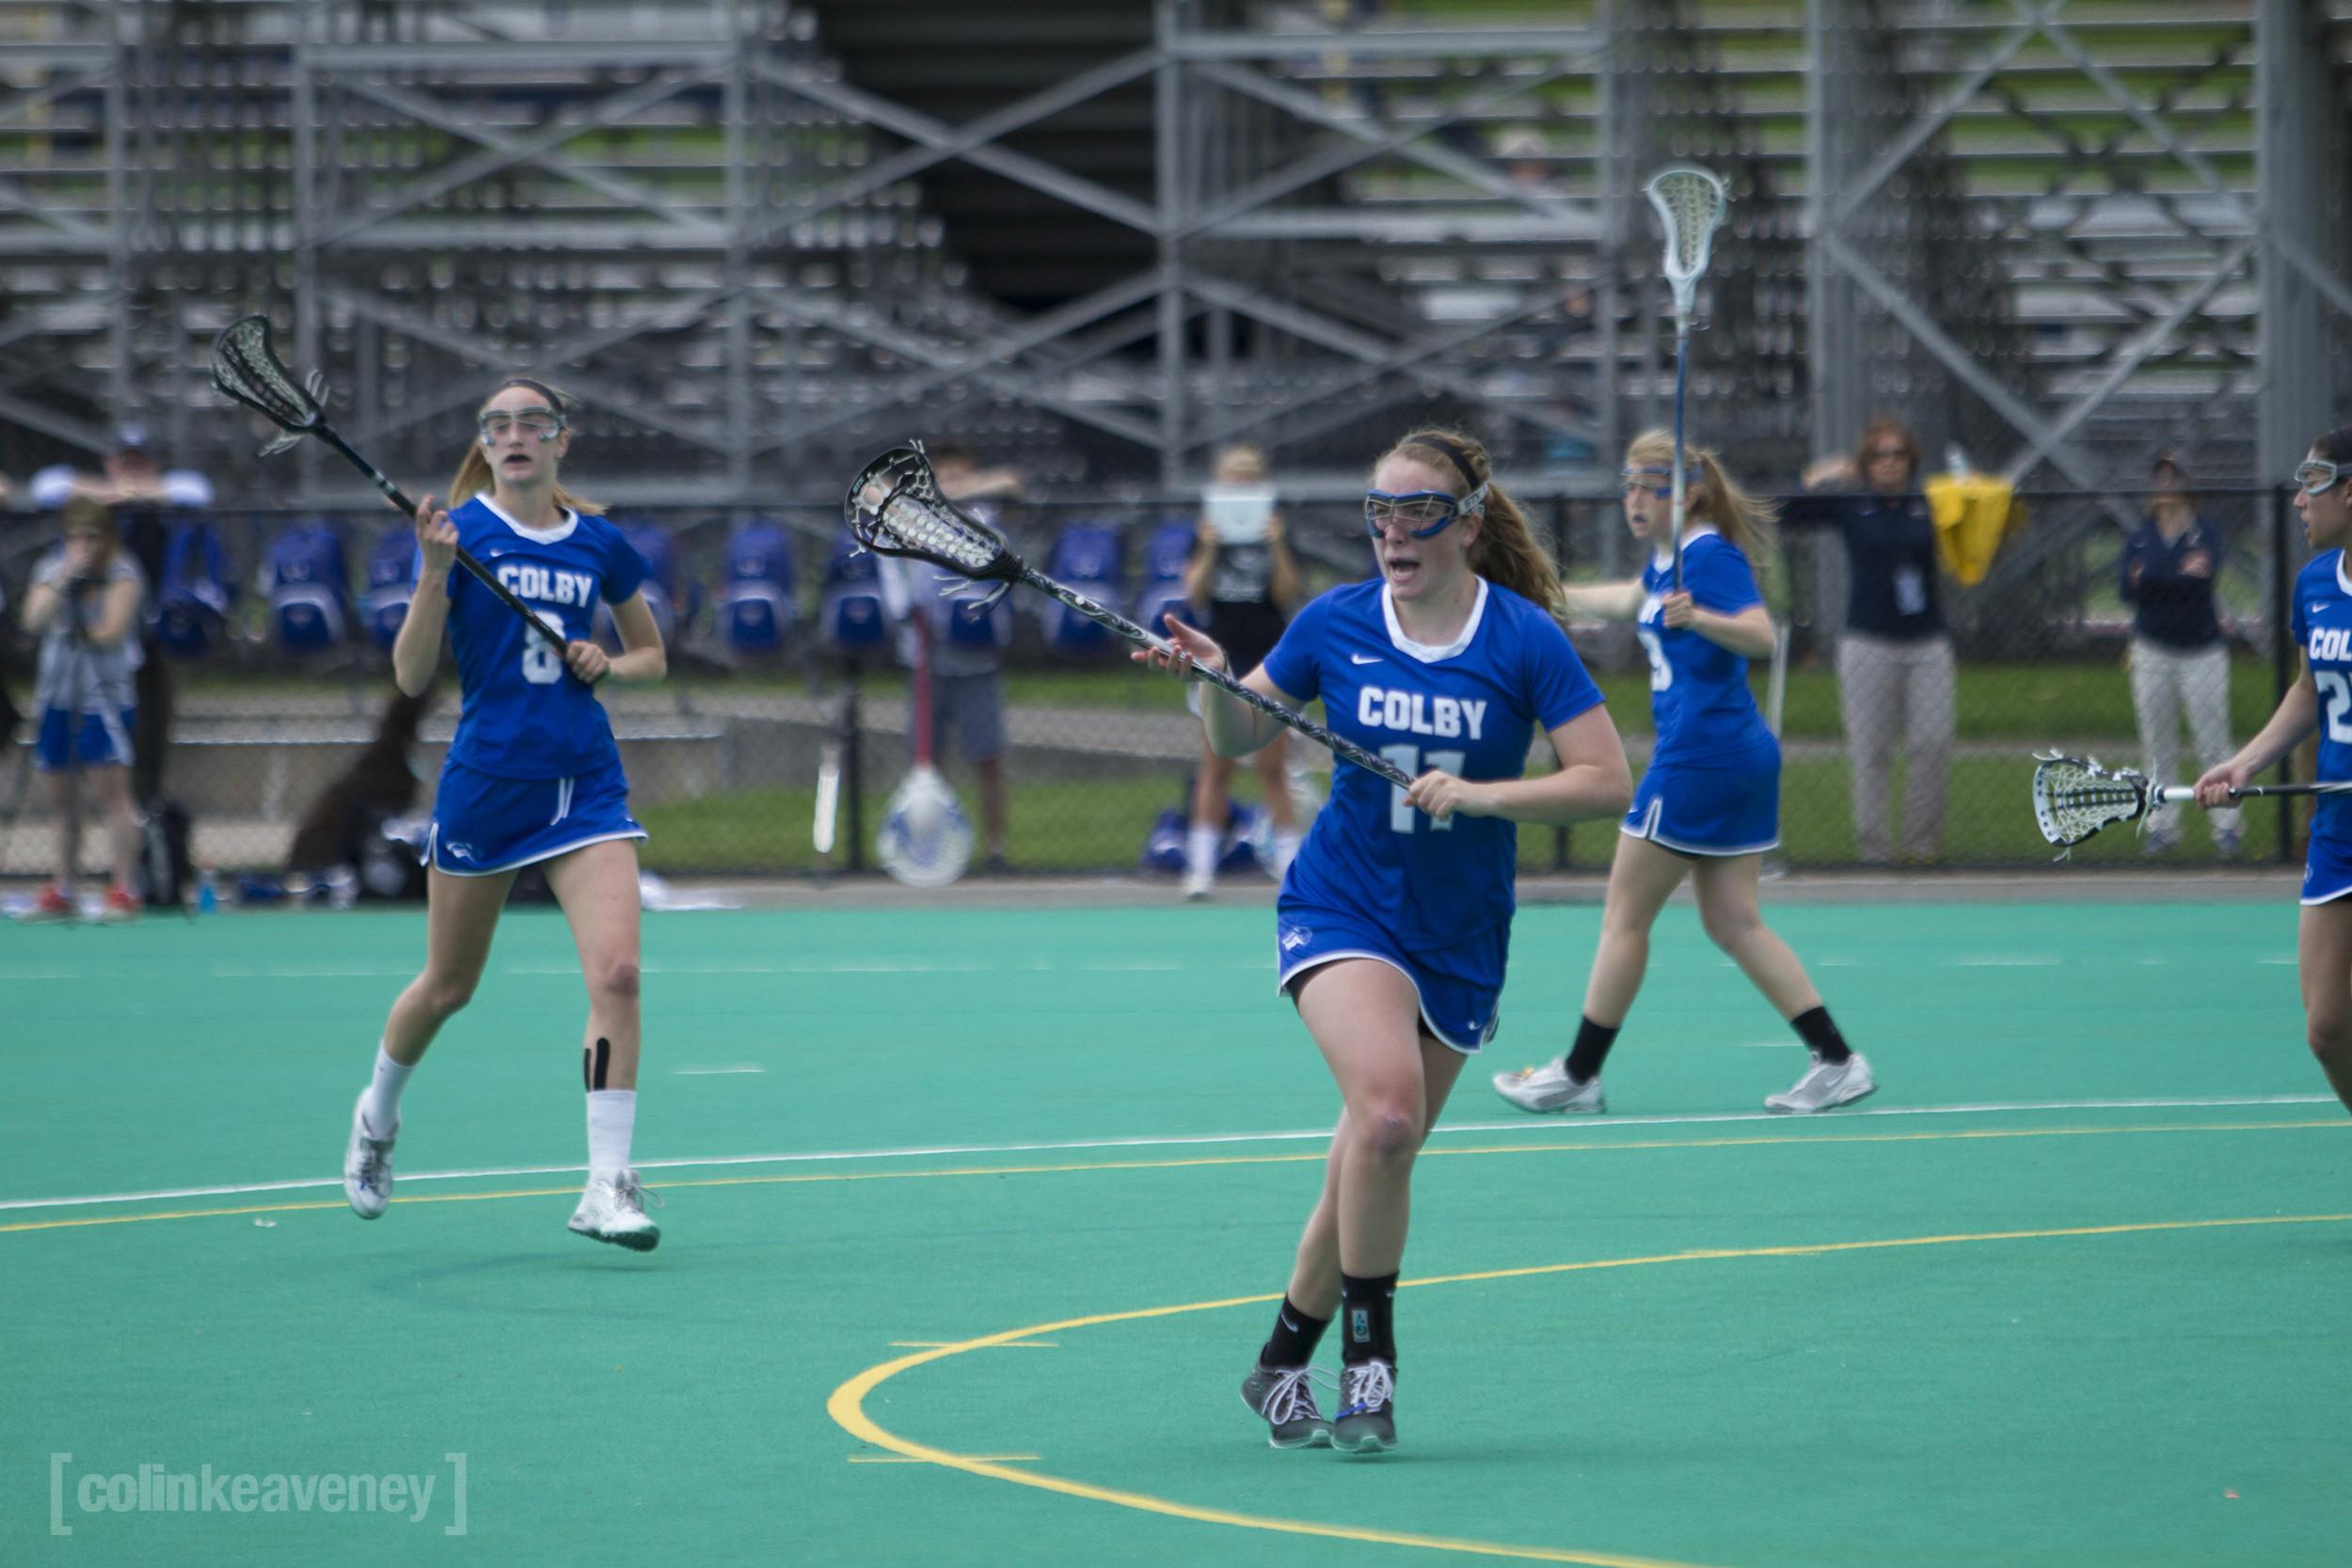 COLBY_lacrosse-38.jpg